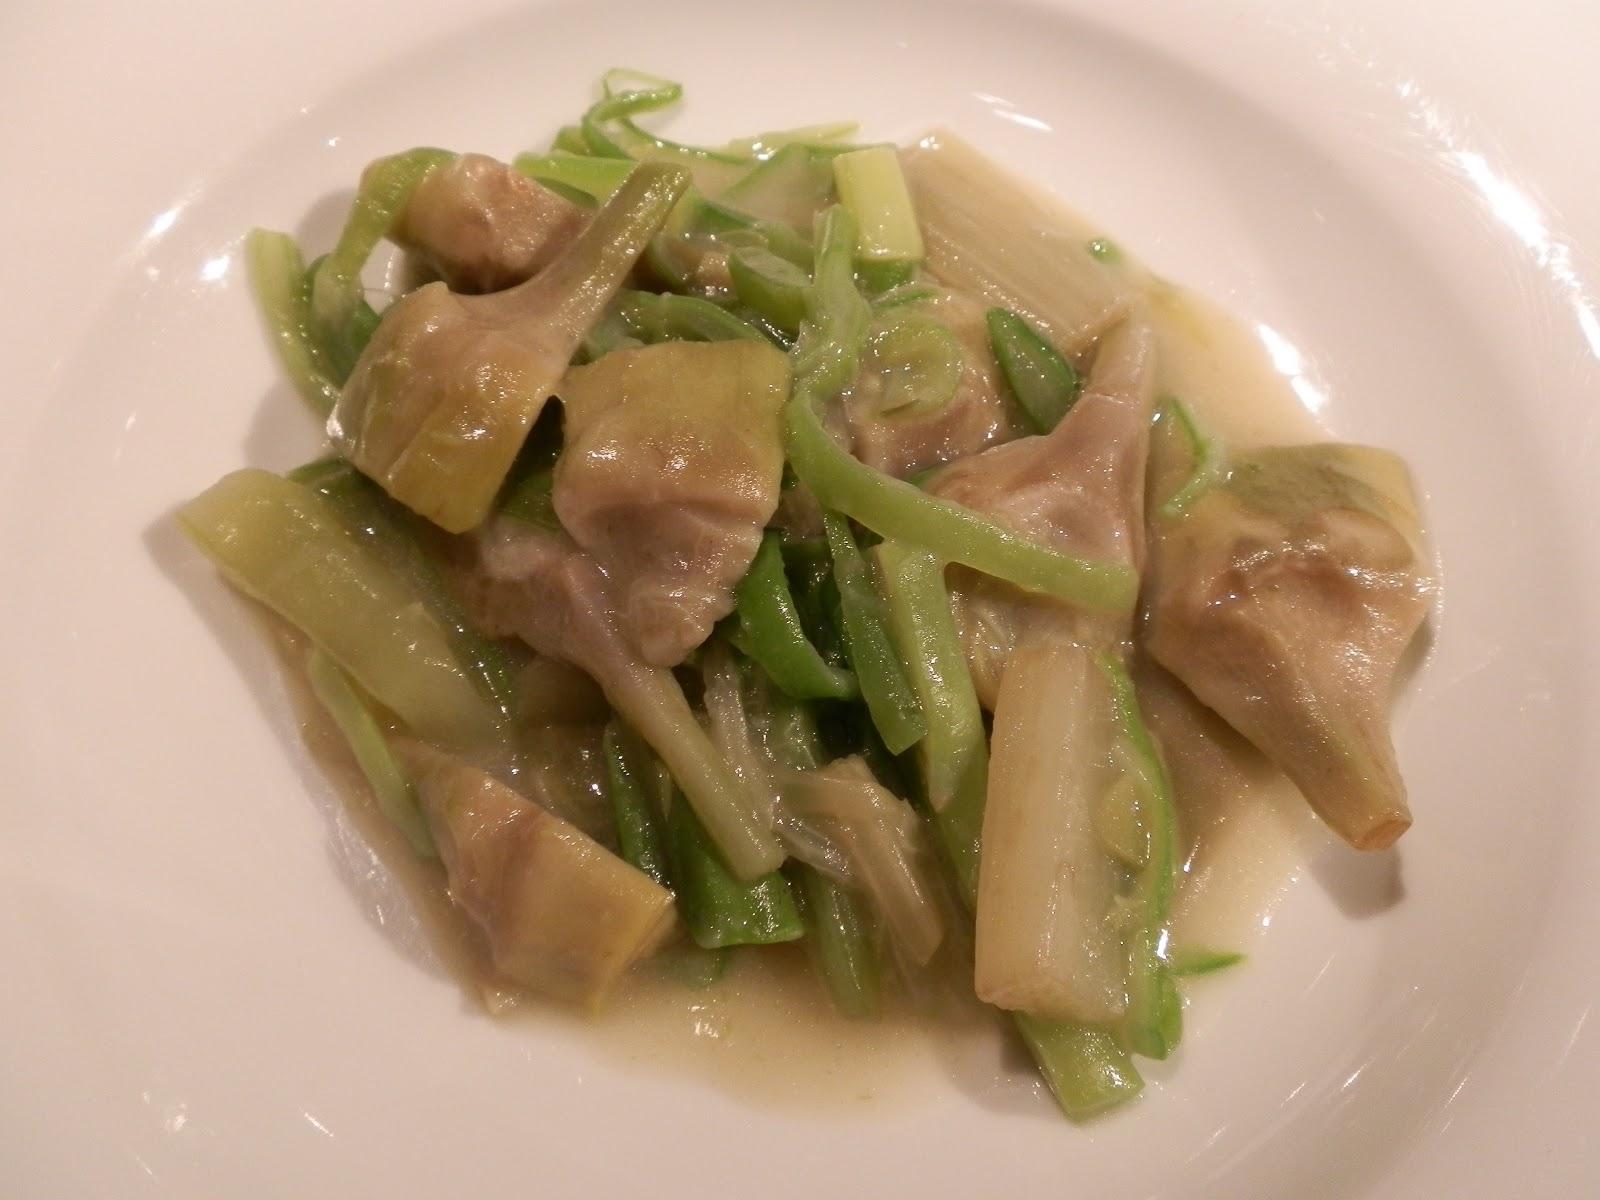 Ajilimojili cenando con chicote en el rodero pamplona - Menestra de verduras en texturas ...